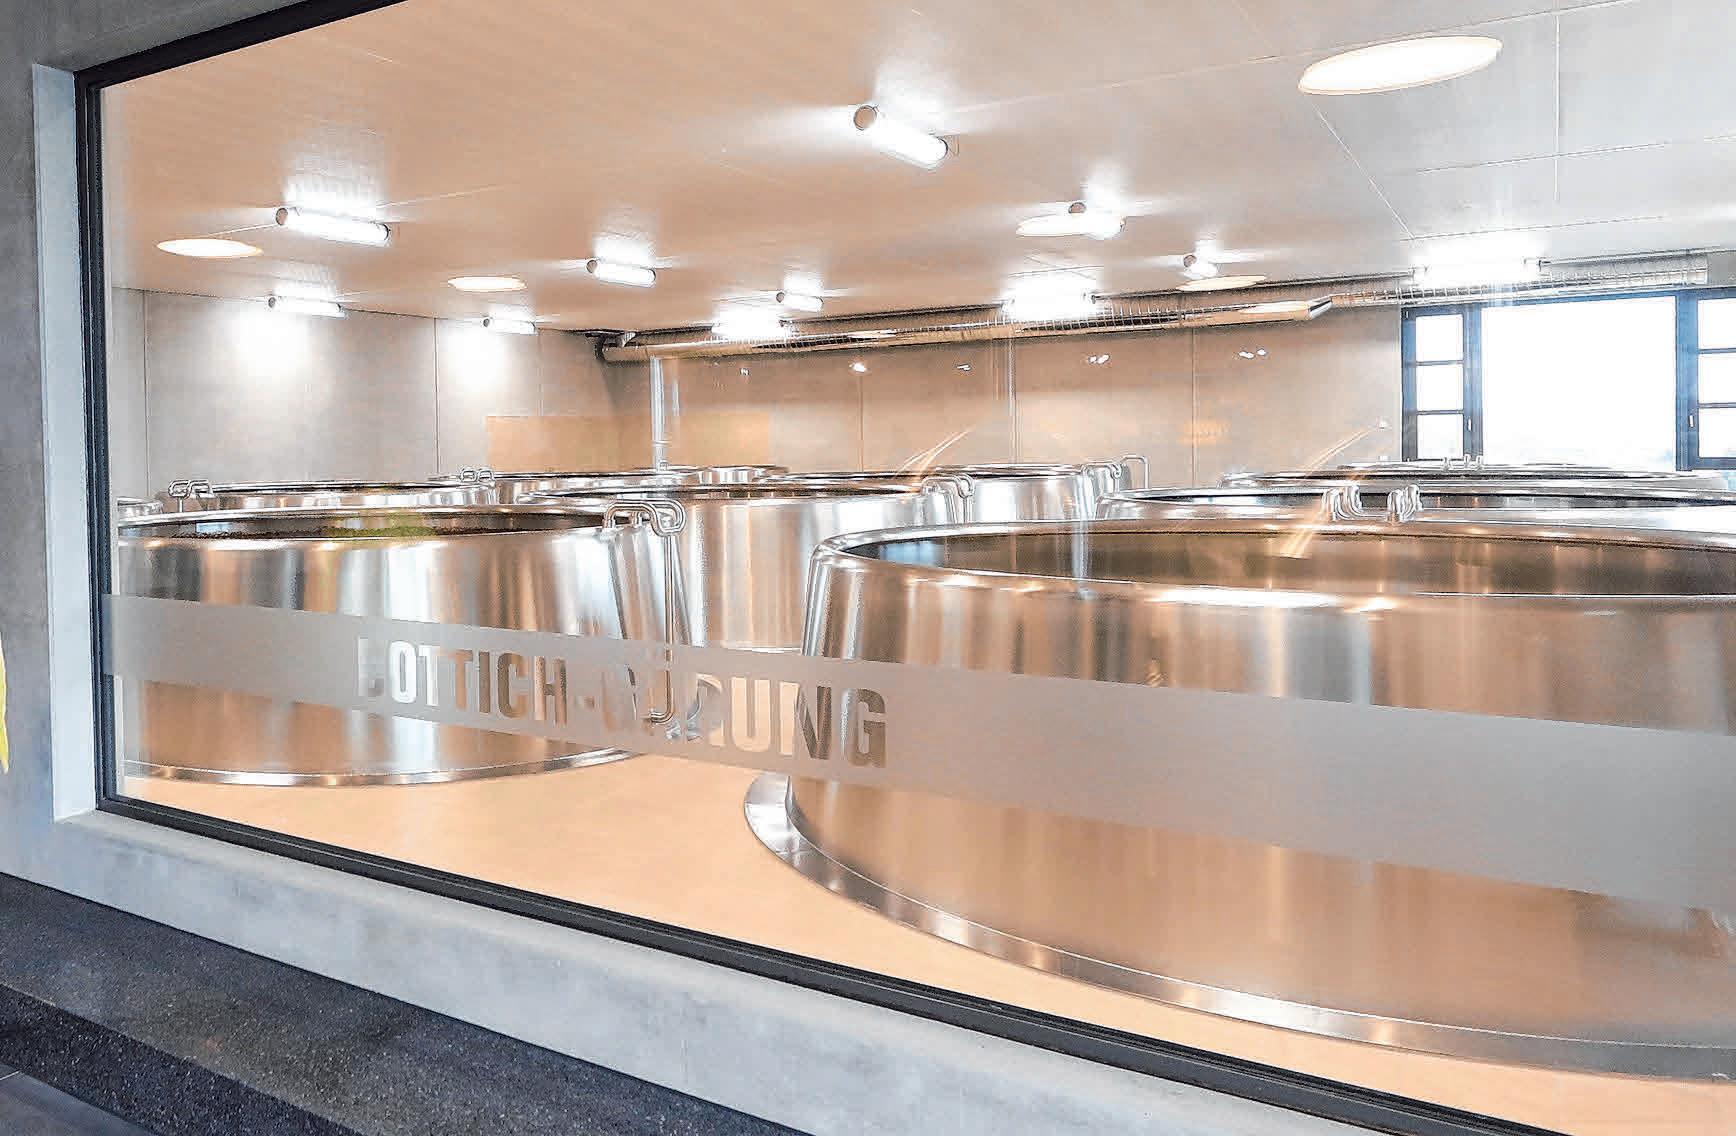 Die neue Bottich-Gärung in der Berg Brauerei kann am Ulrichsfest besichtigt werden. FOTO: OH